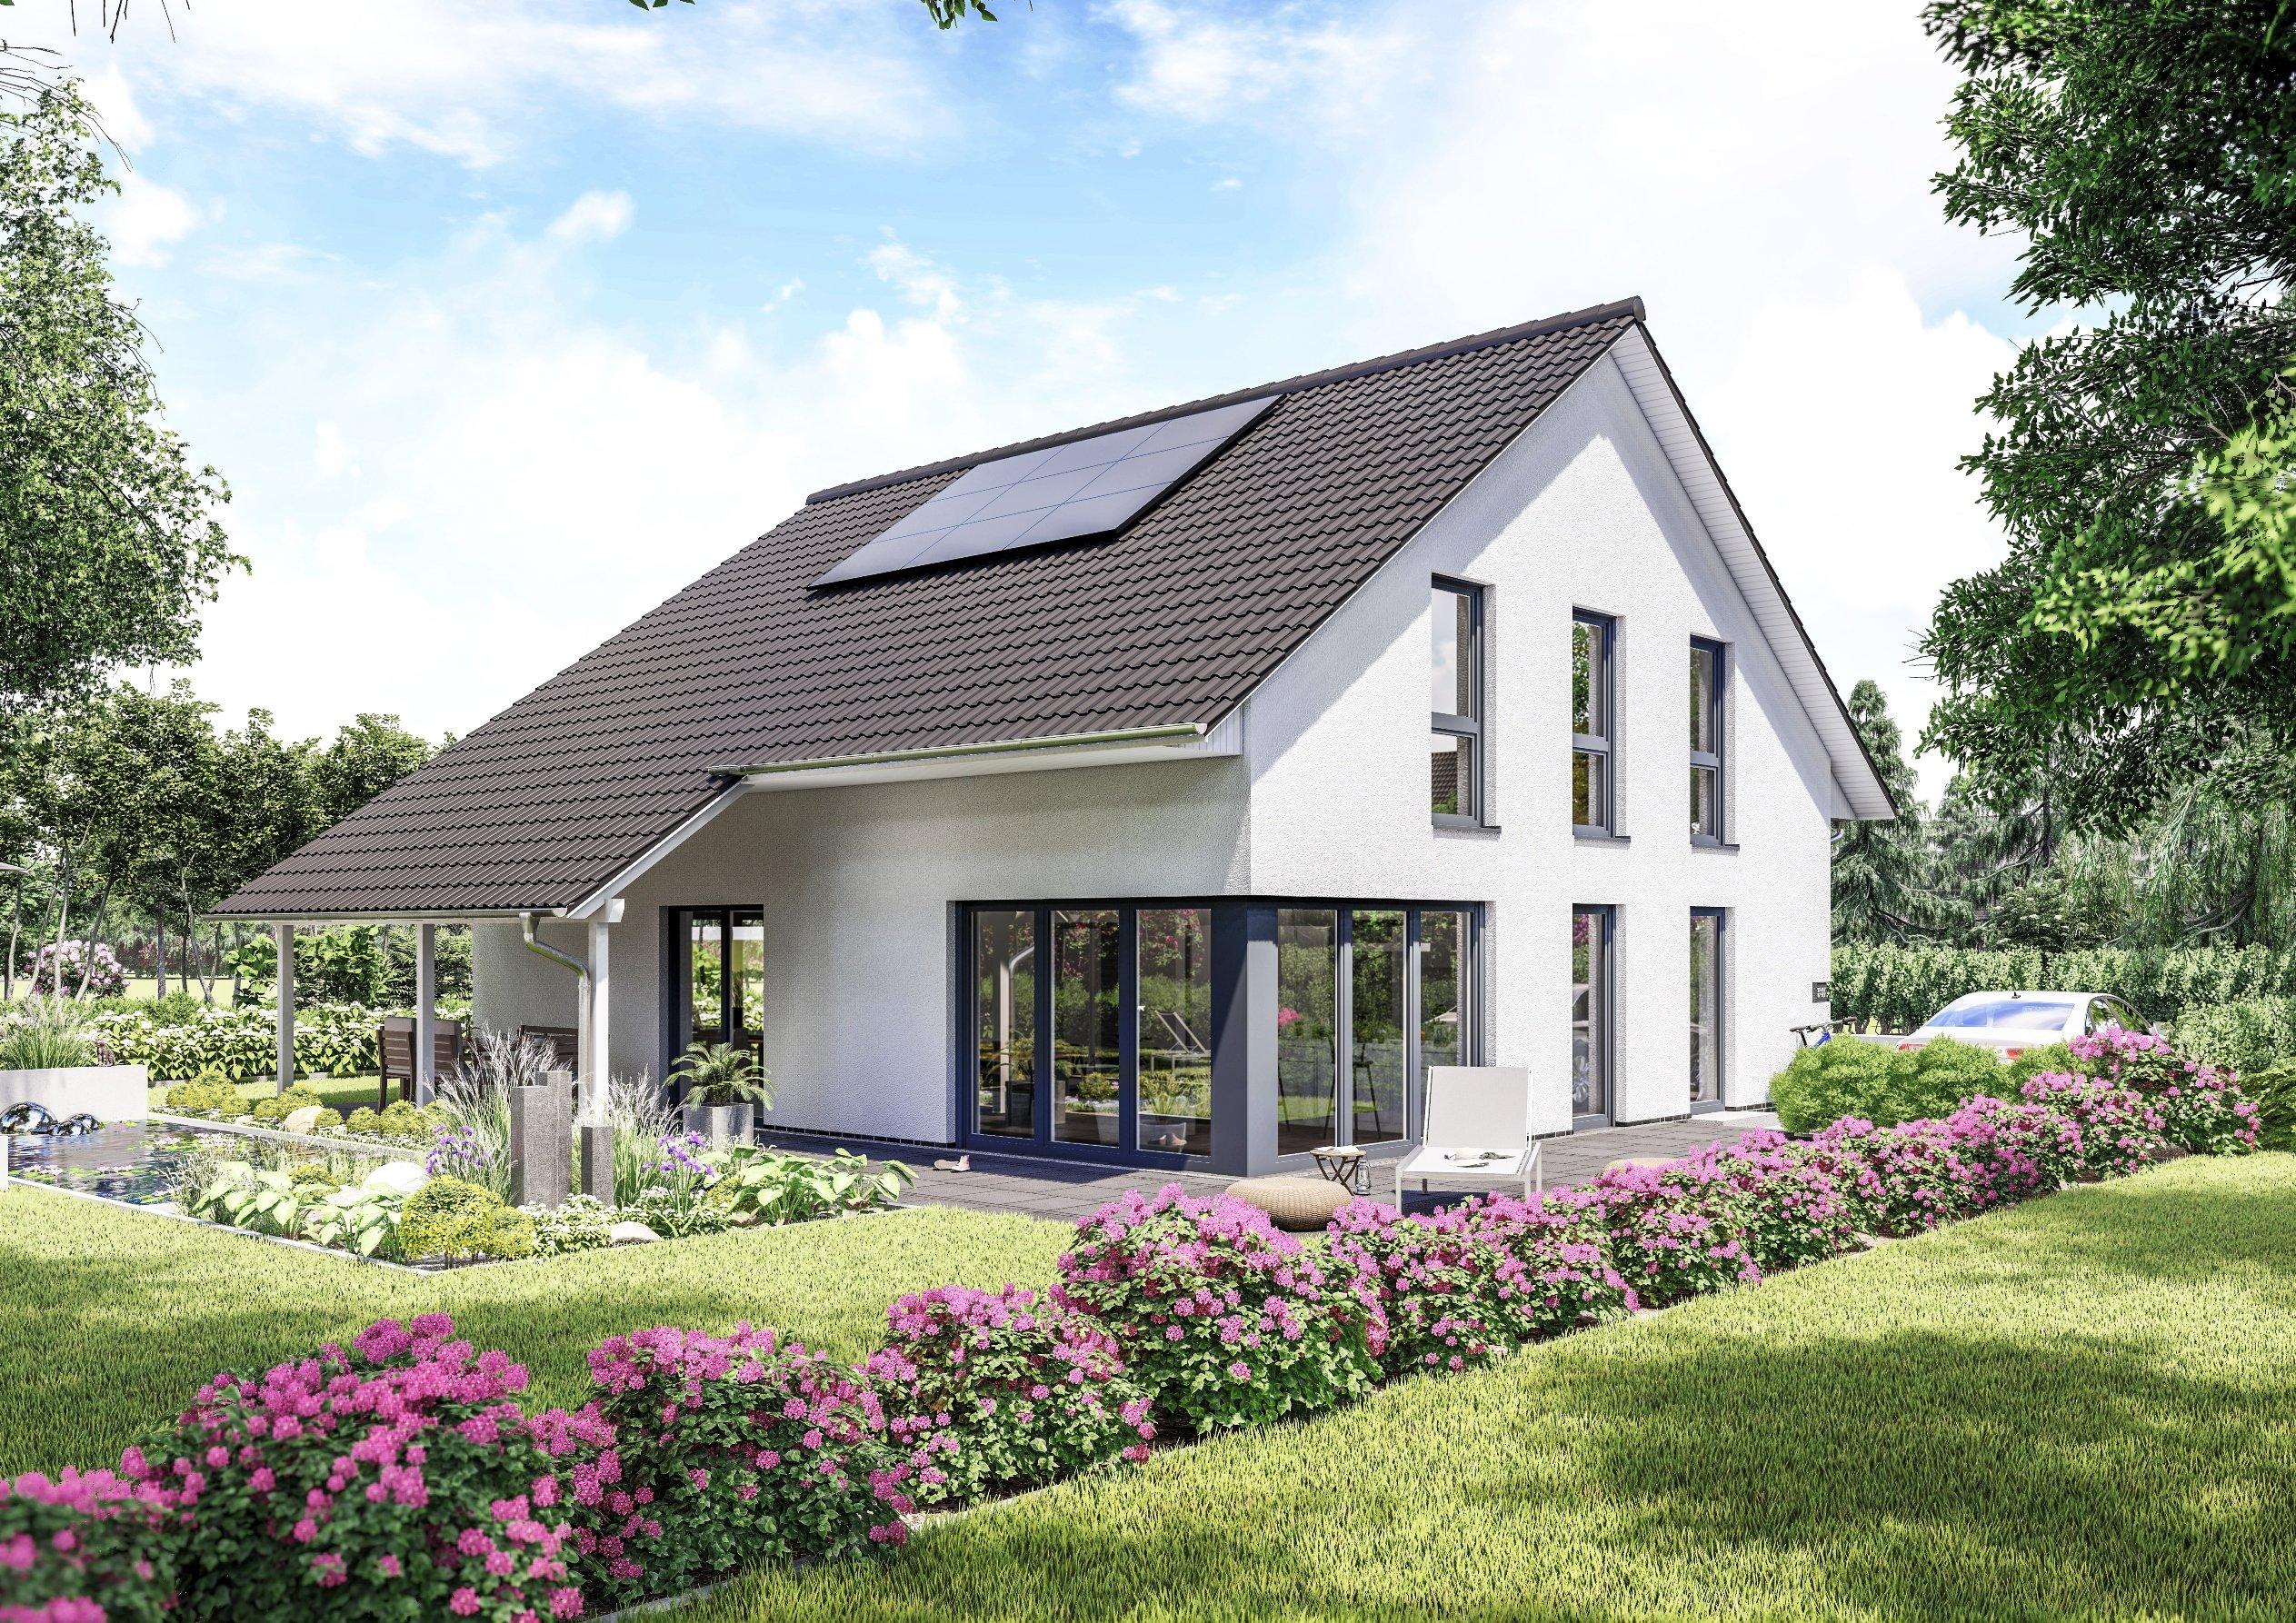 Rhein Kreis Neuss Viebrockhaus Setzt Auf Neue Energy Cloud